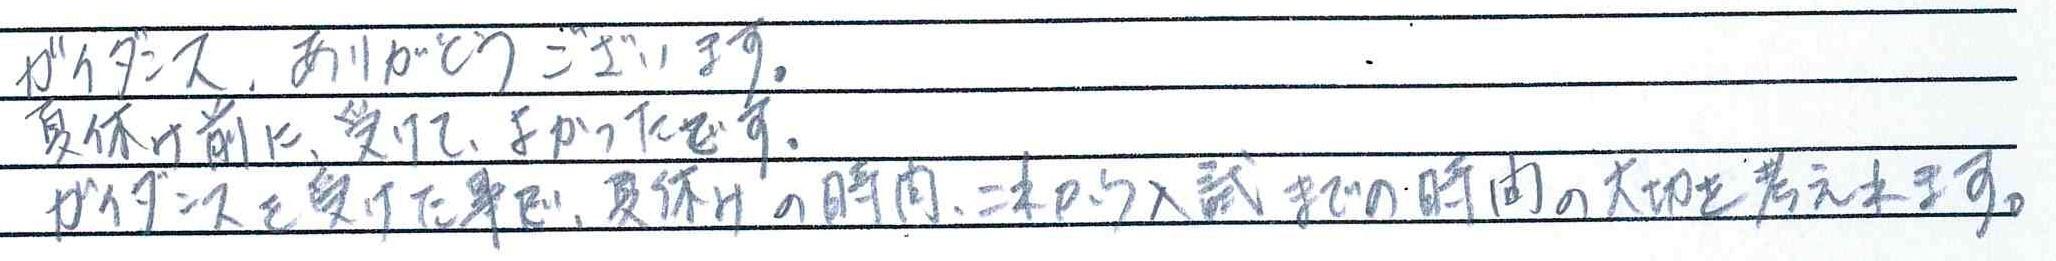 【2016年】高校入試ガイダンス_b0219726_16000475.jpg